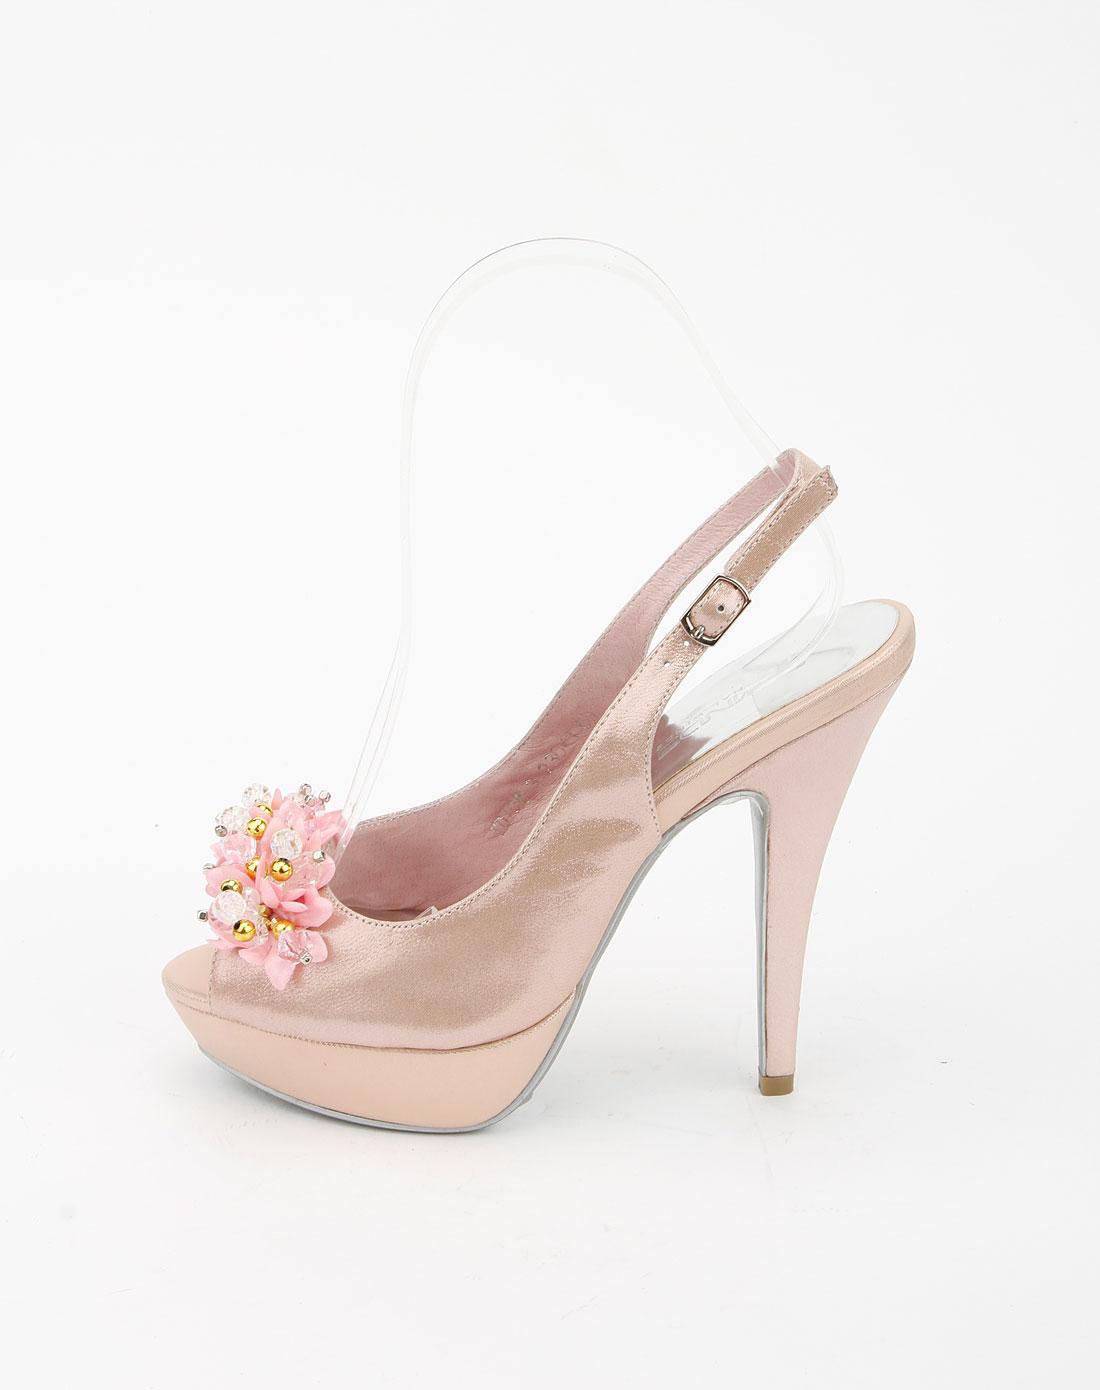 四季风粉红色时尚高跟鞋_唯品会名牌时尚折扣网